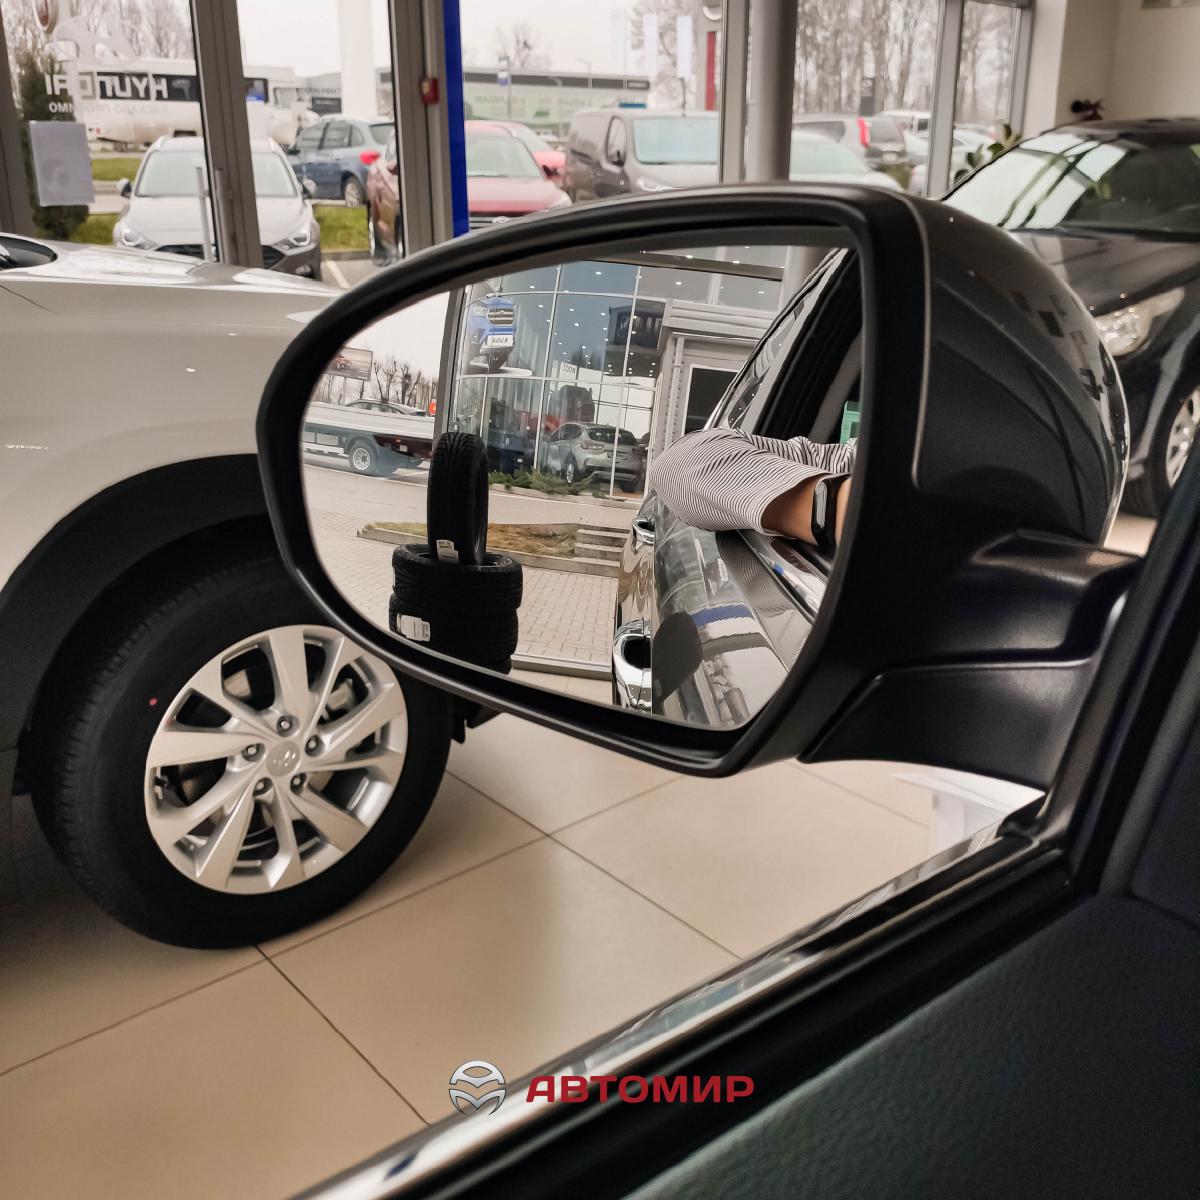 Теплі функції автомобілів Hyundai | Фрунзе-Авто - фото 8